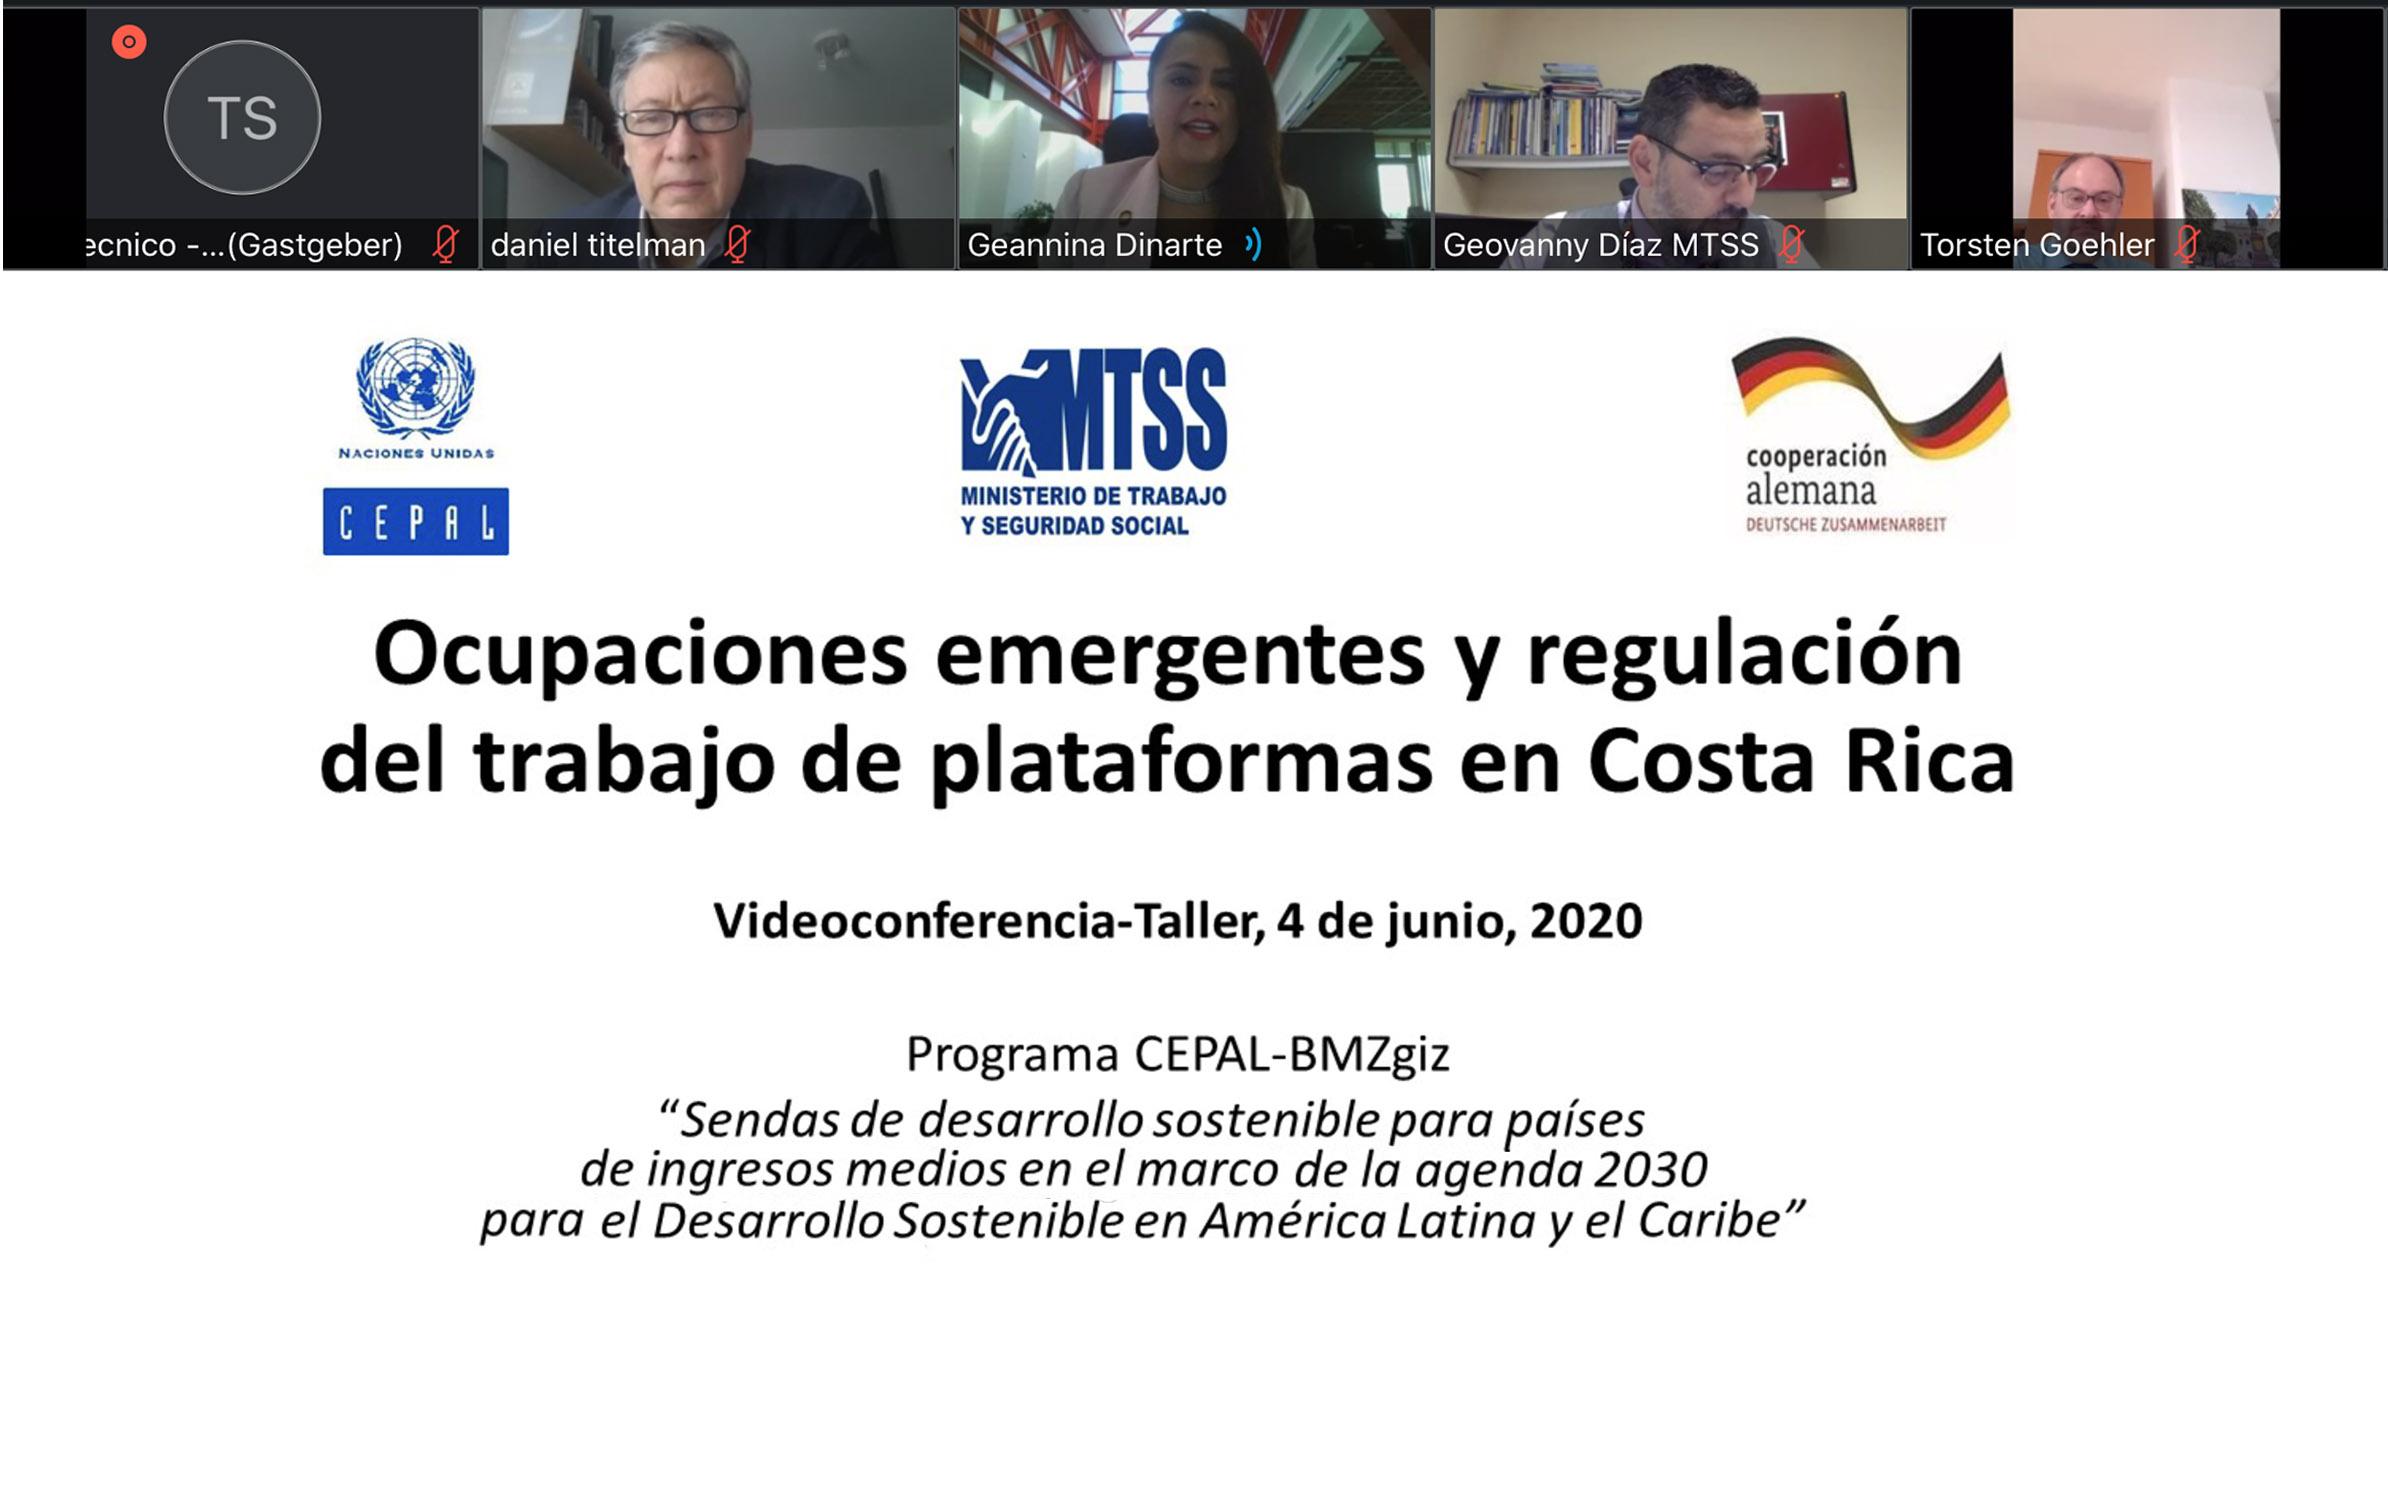 Ocupaciones emergentes y regulación del trabajo de plataformas -mg